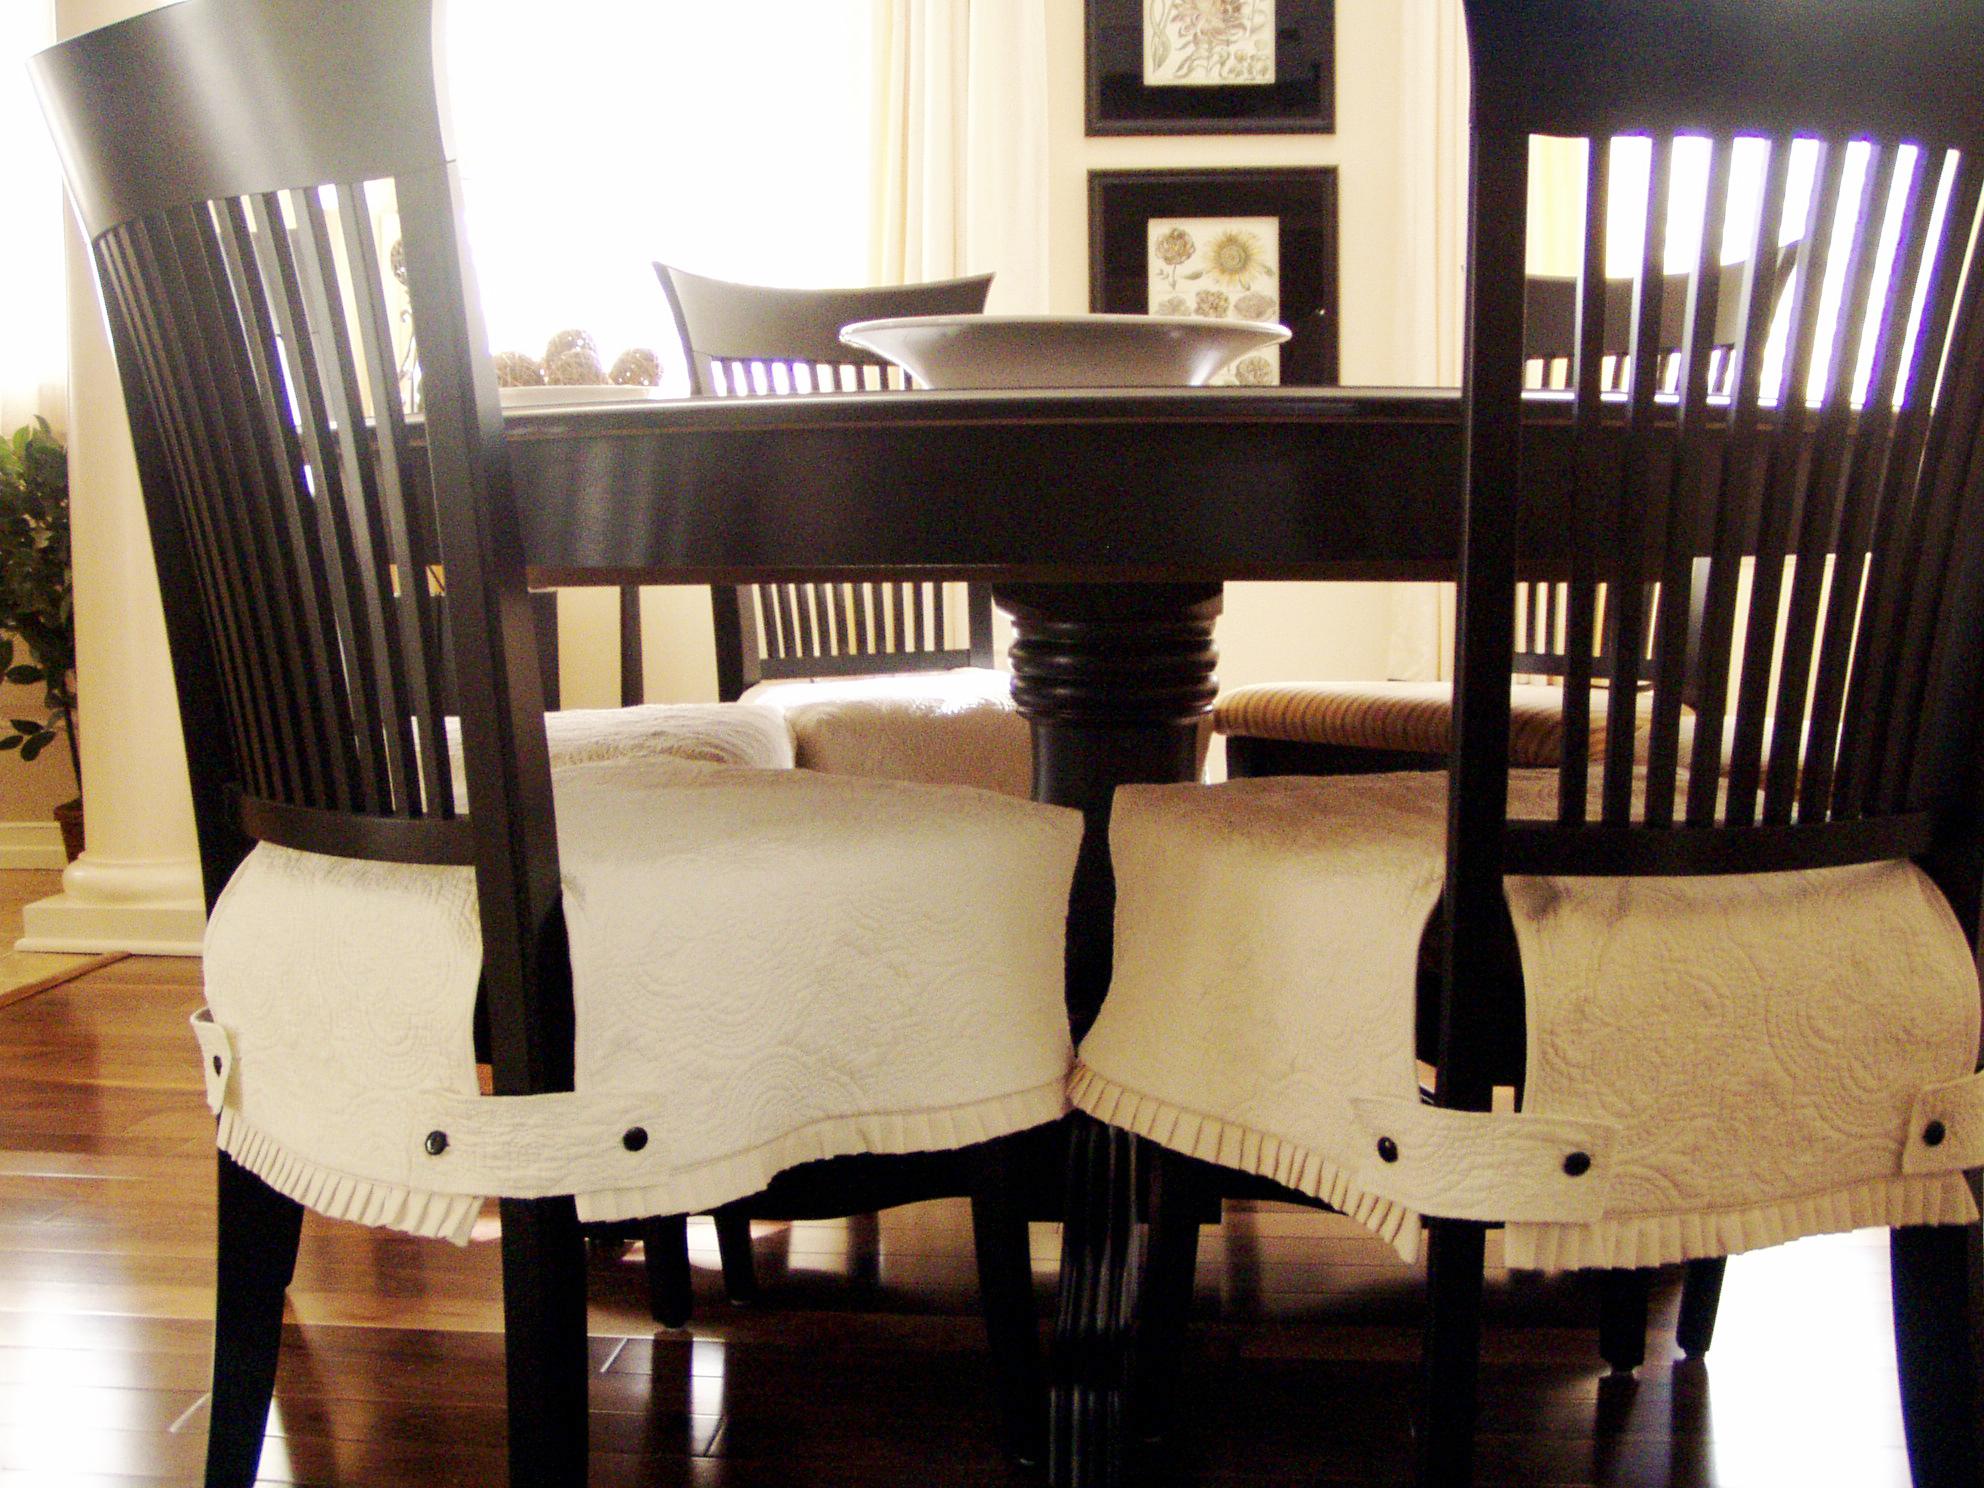 Белые чехлы на сидения стульев